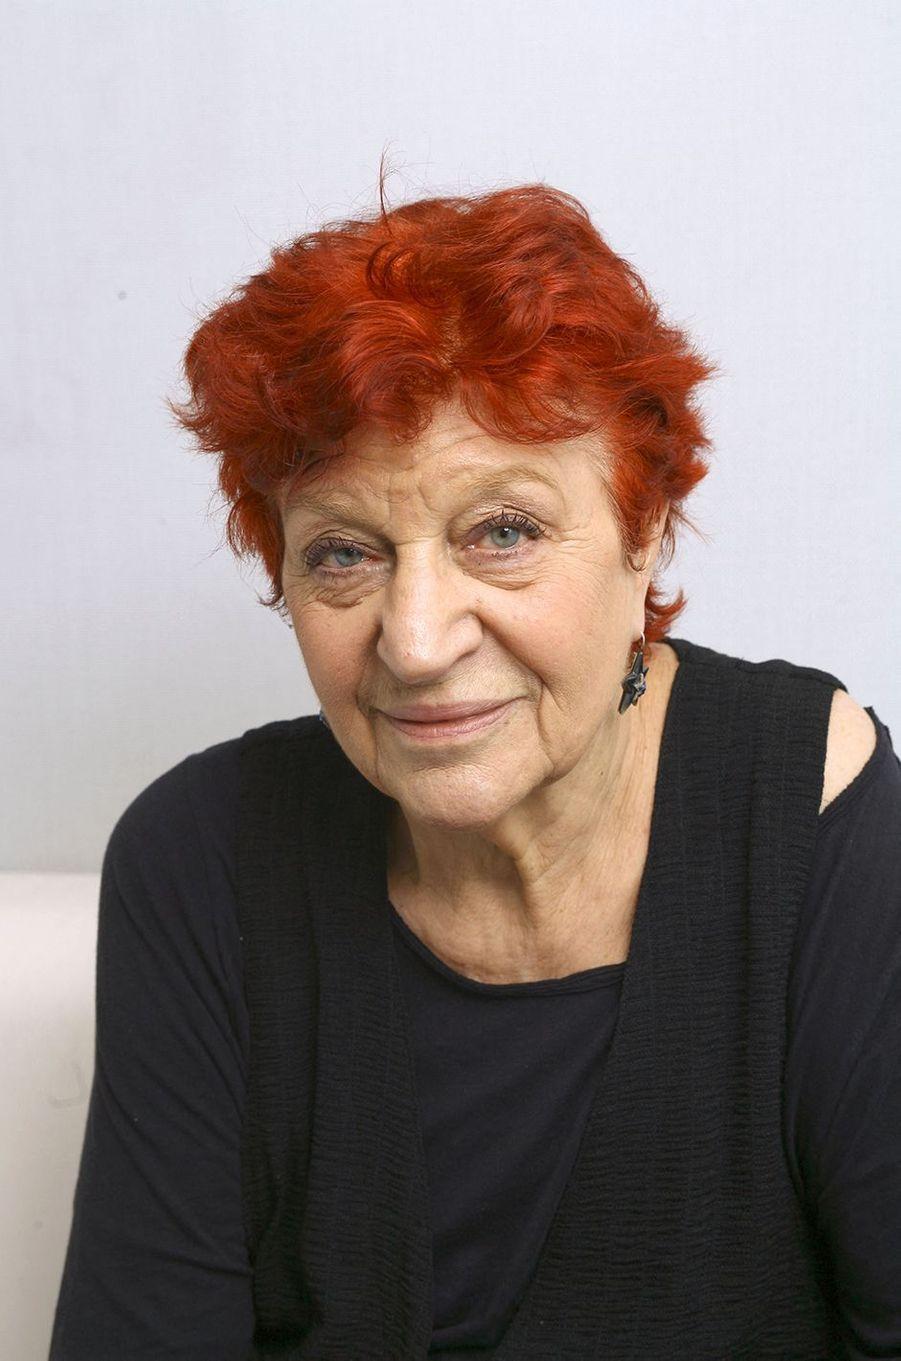 Tendances France : Anne Sylvestre figure dans le Top 10 des personnalités disparues les plus recherchées sur Google en 2020